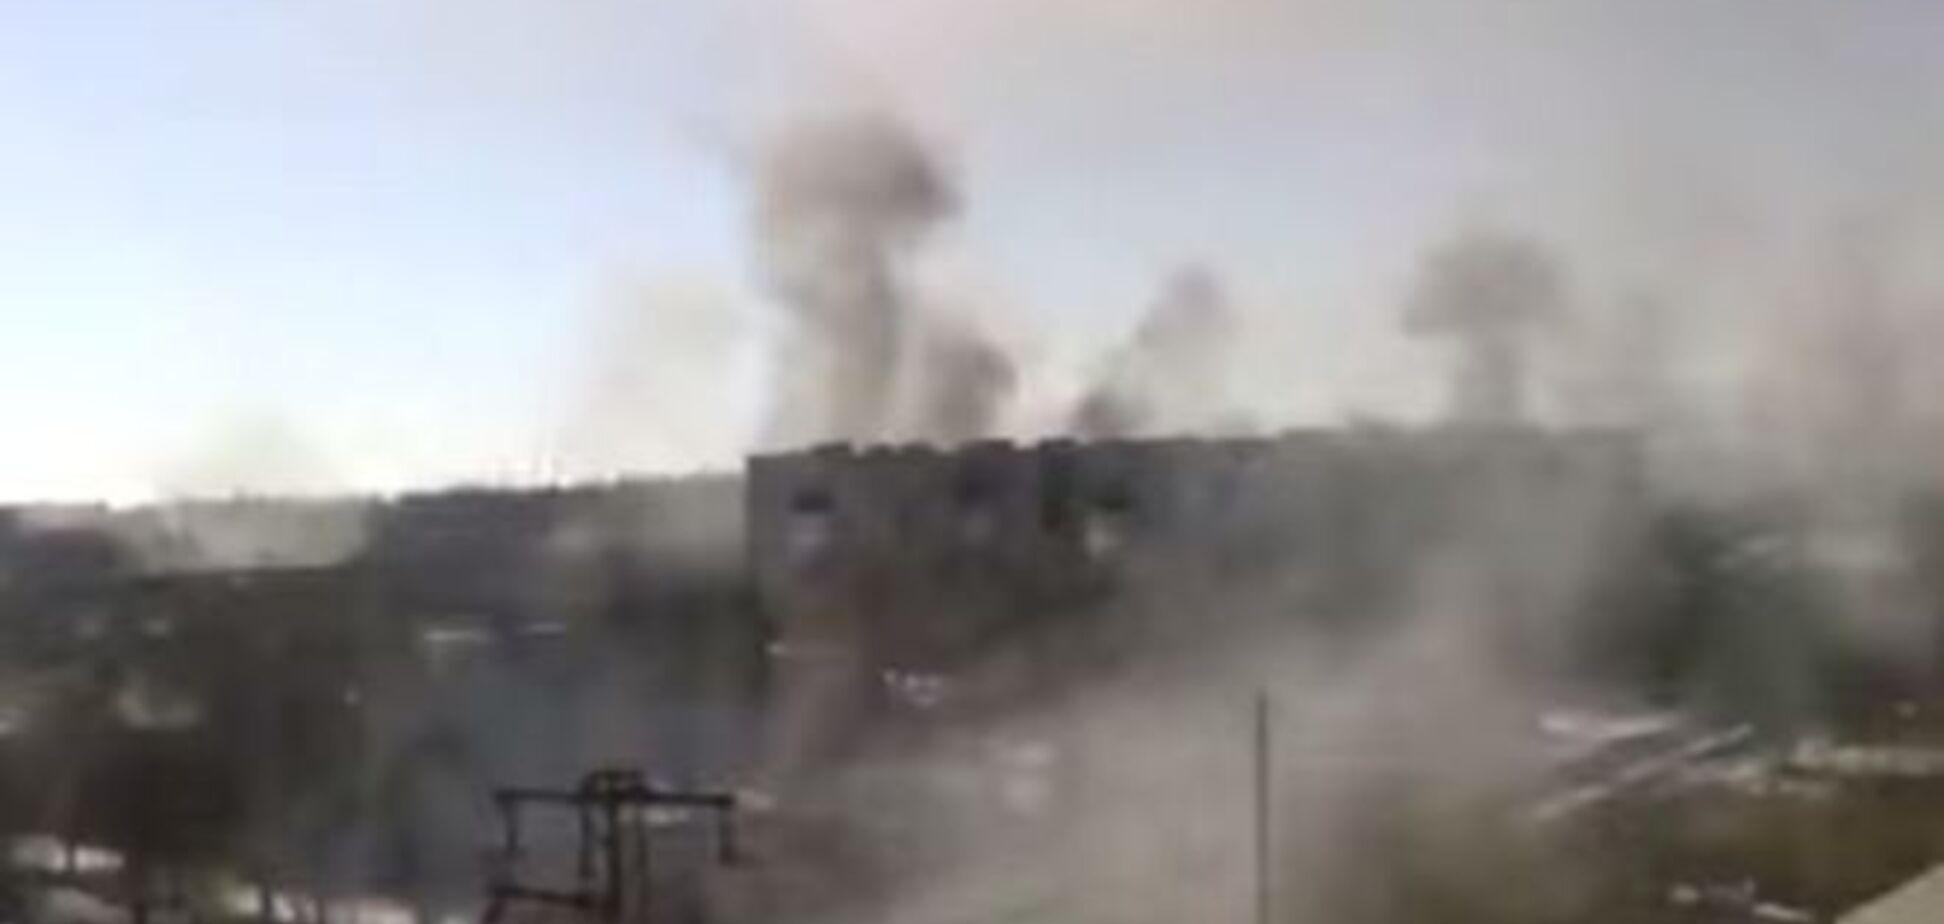 Опубліковано відео найсильніших артобстрілів Дебальцеве, зняте корегувальником